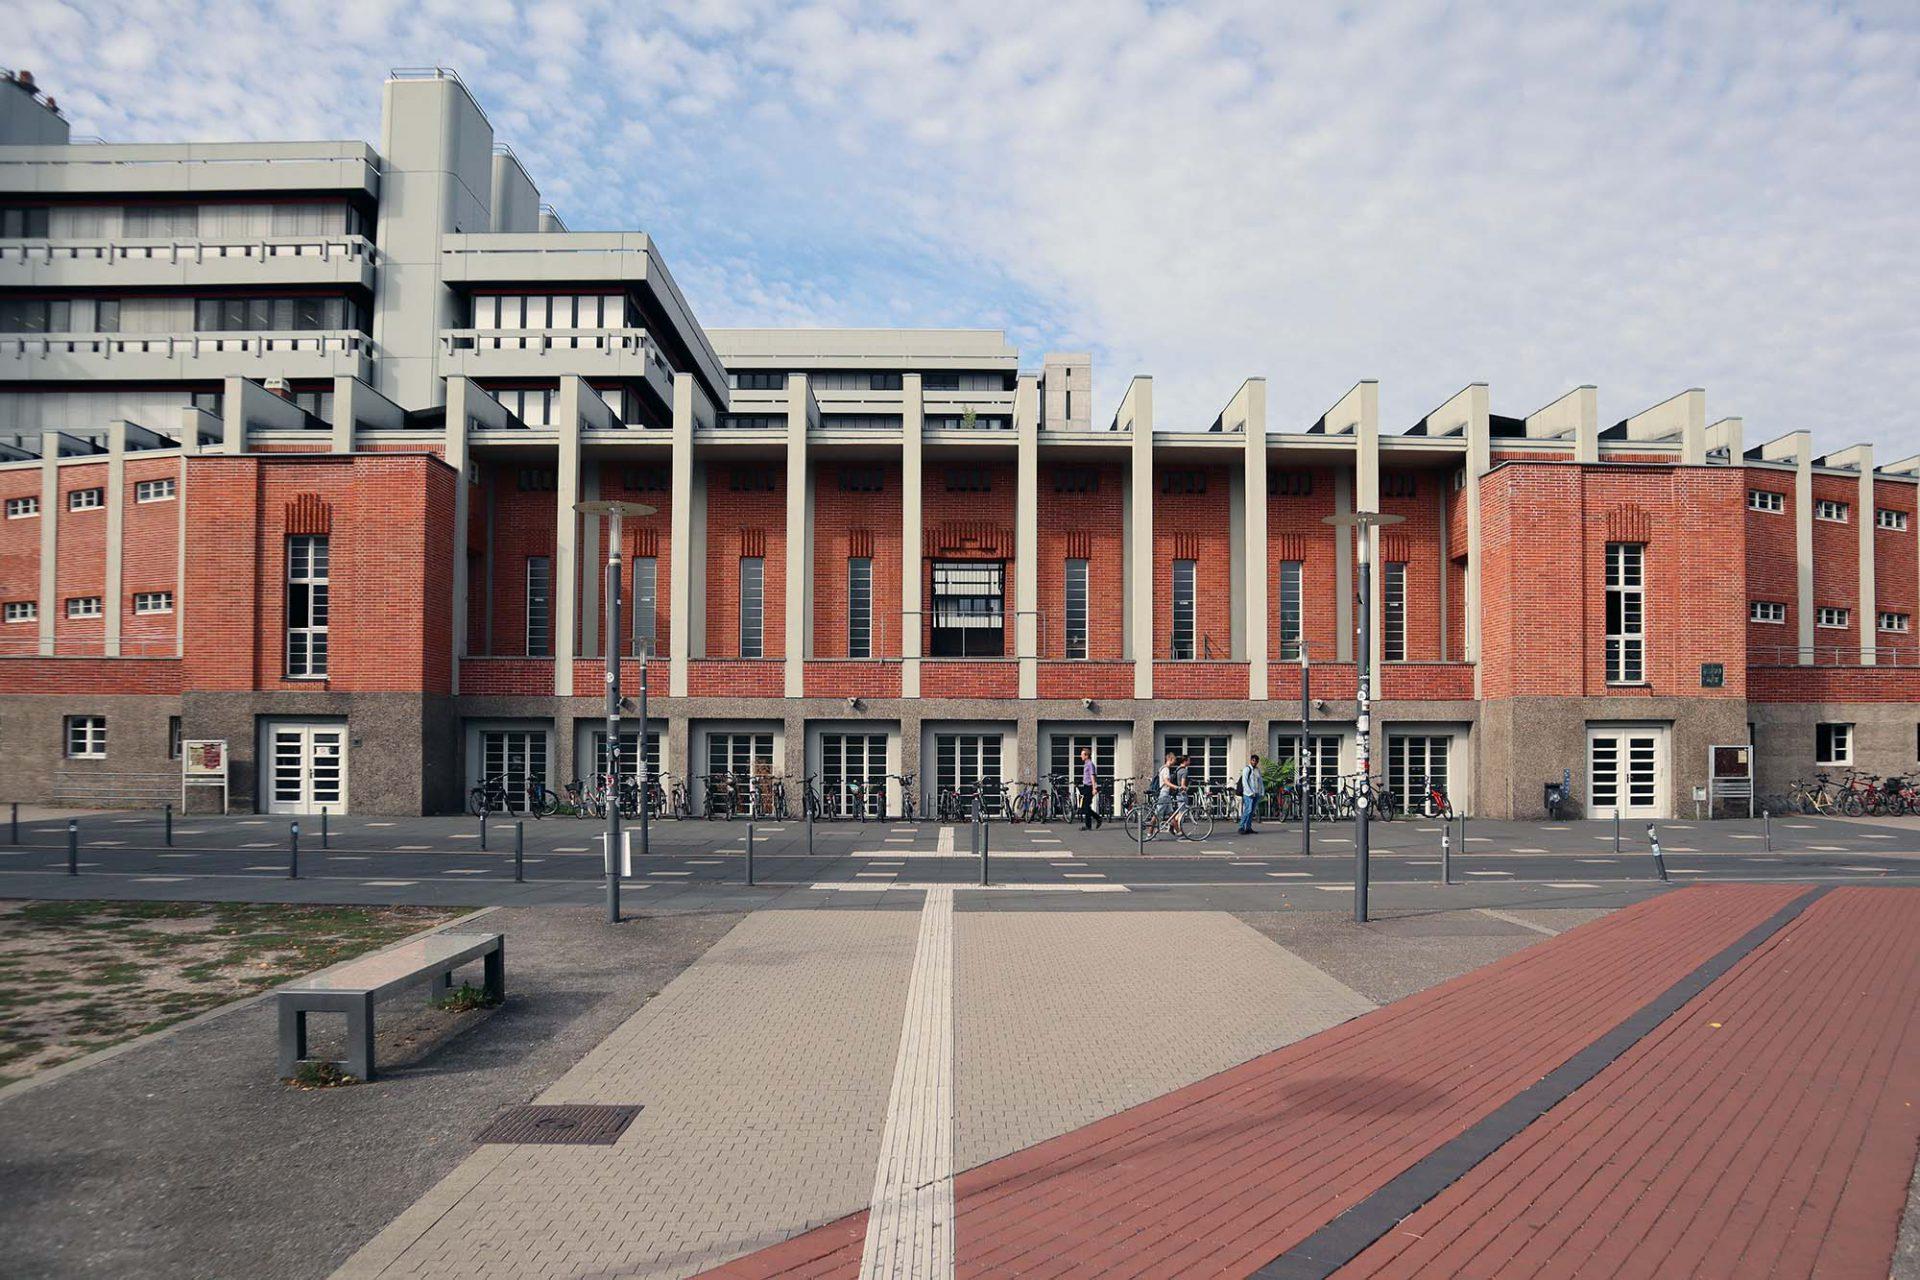 Hochschulstadion. Hermann Reinhard Alker, 1934. Der Tribünenbau war Teil eines Masterplans, der nicht vollständig ausgeführt wurde. Heute steht er inmitten von Universitätsbauten der Nachkriegsära. Alker studierte übrigens u. a. bei Josef Durm.